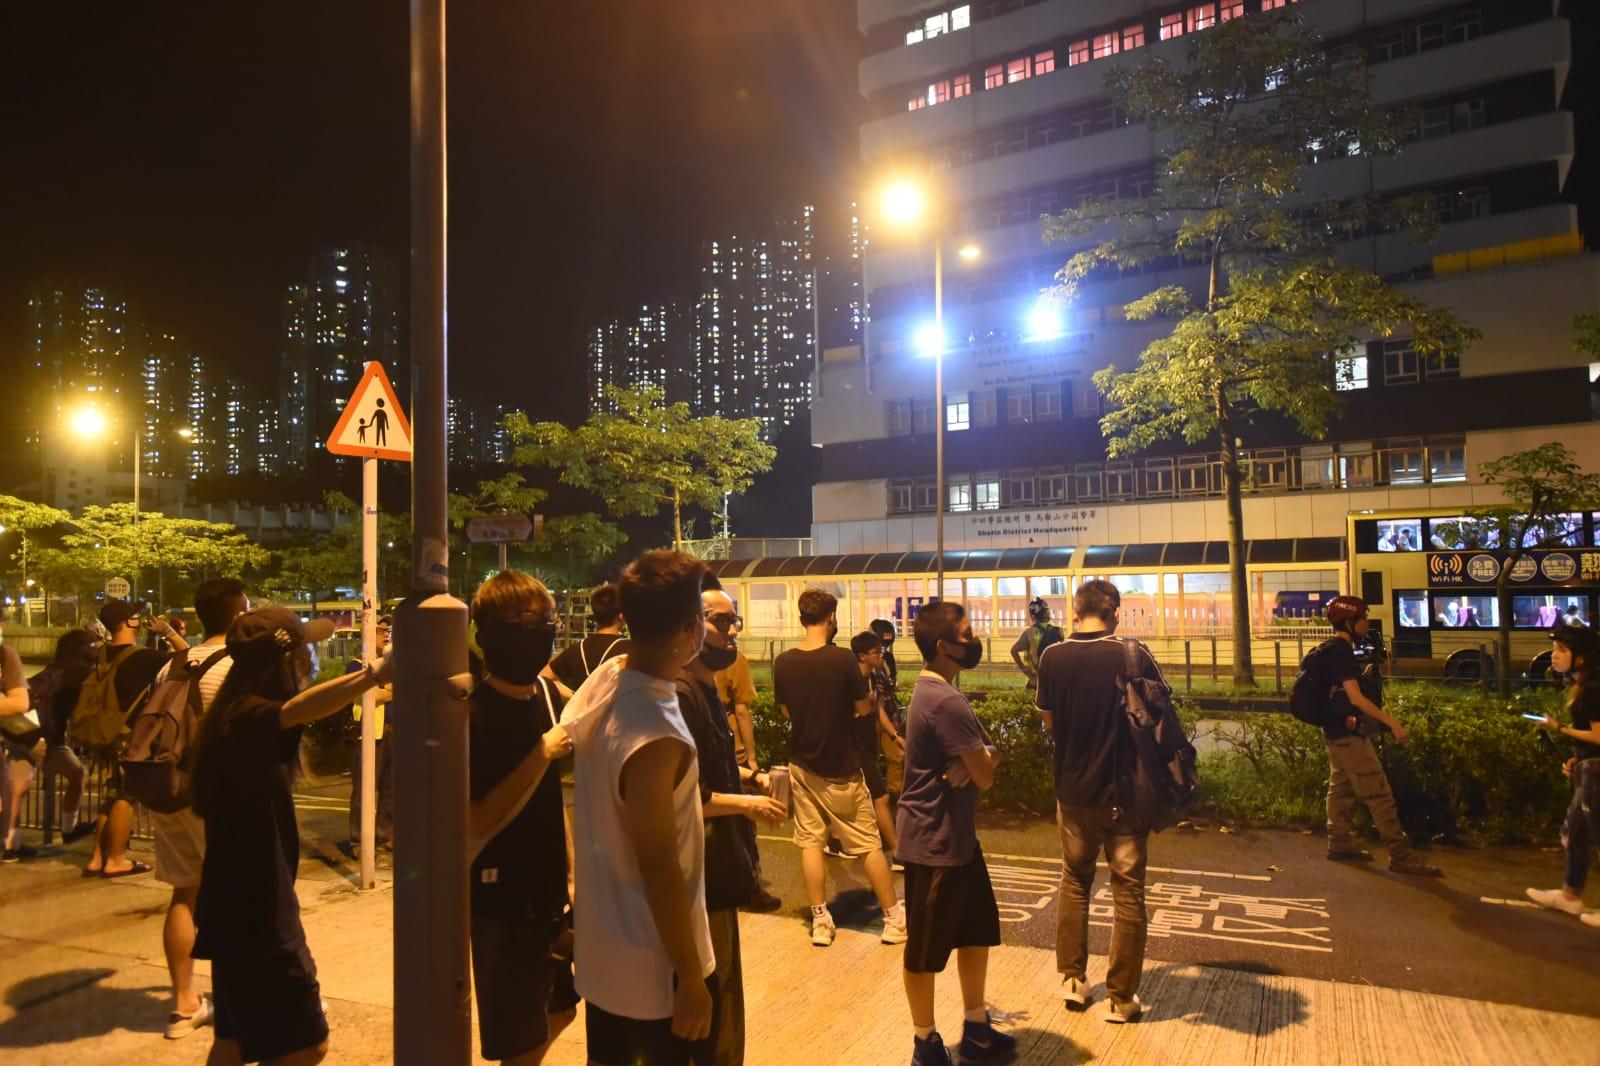 馬鞍山警署外有人群聚集。